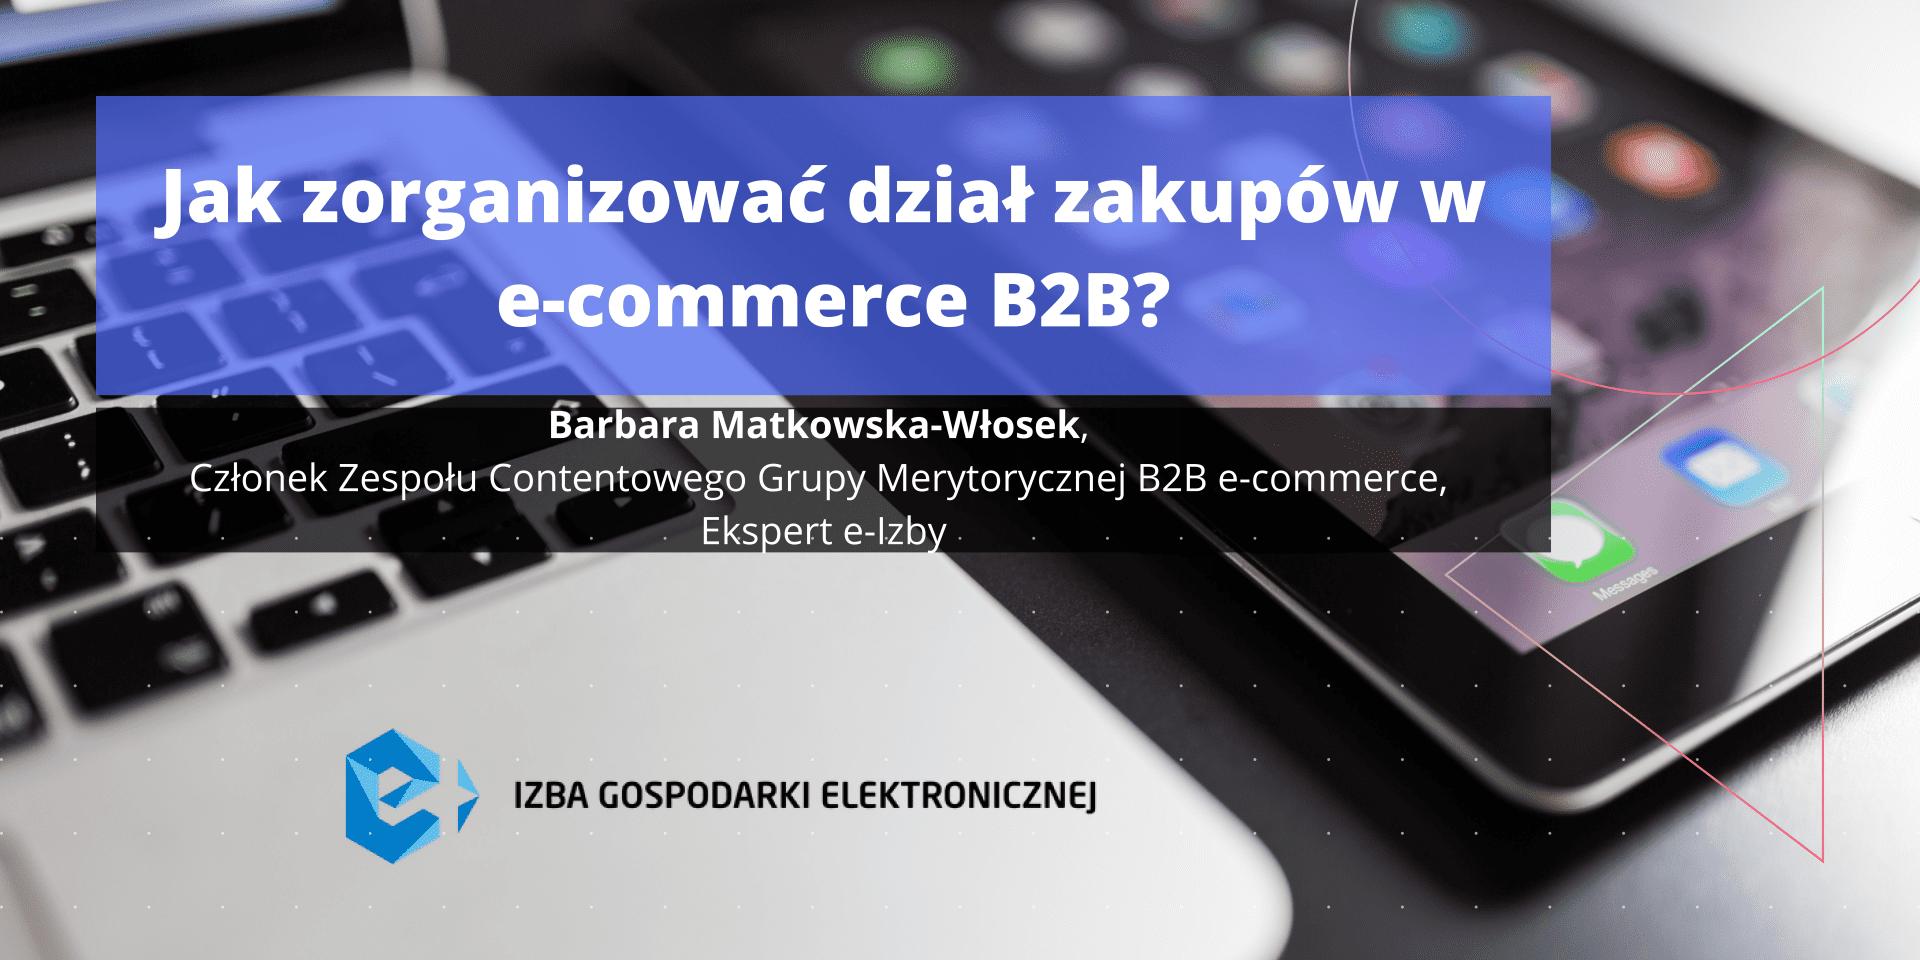 Jak zorganizować dział zakupów w e-commerce B2B?